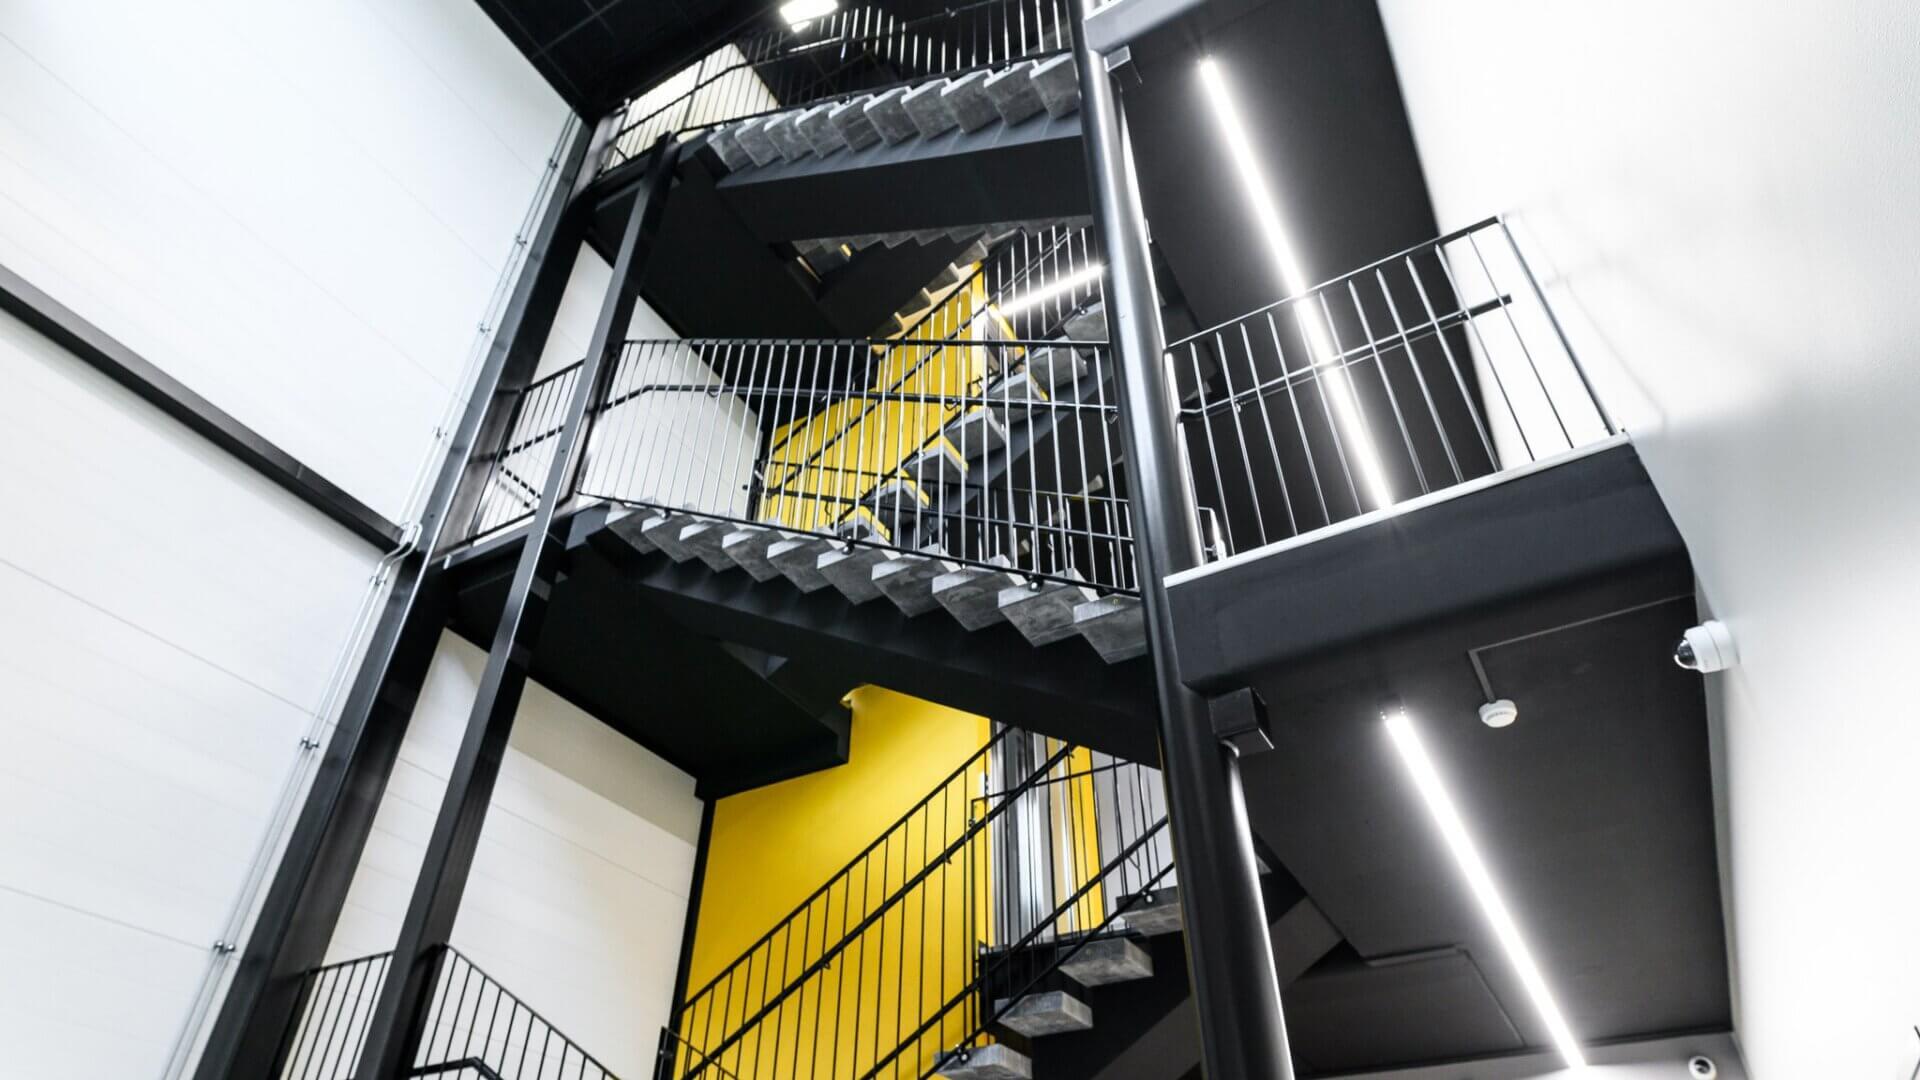 Novatronin uudet toimisto- ja tuotantotilat 11